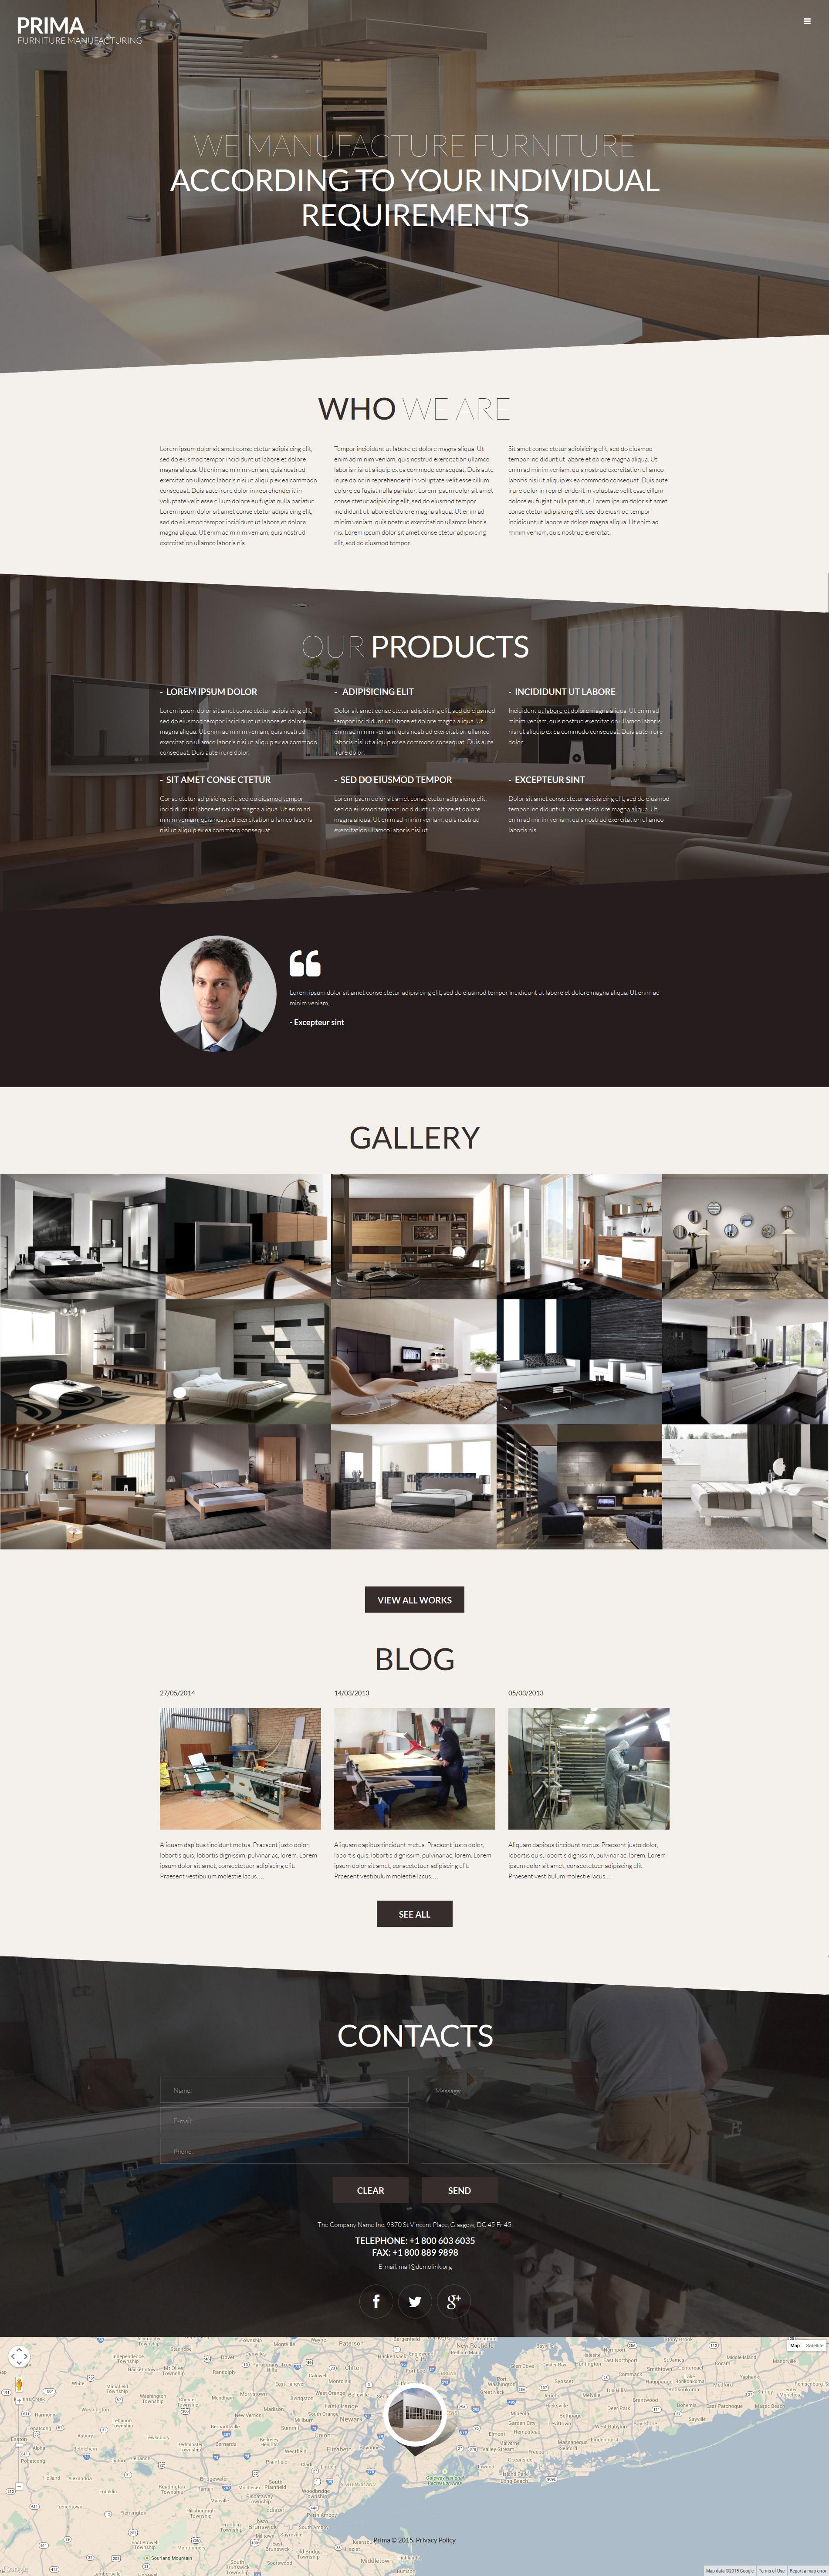 Reszponzív Interior  Furniture WordPress sablon 53145 - képernyőkép